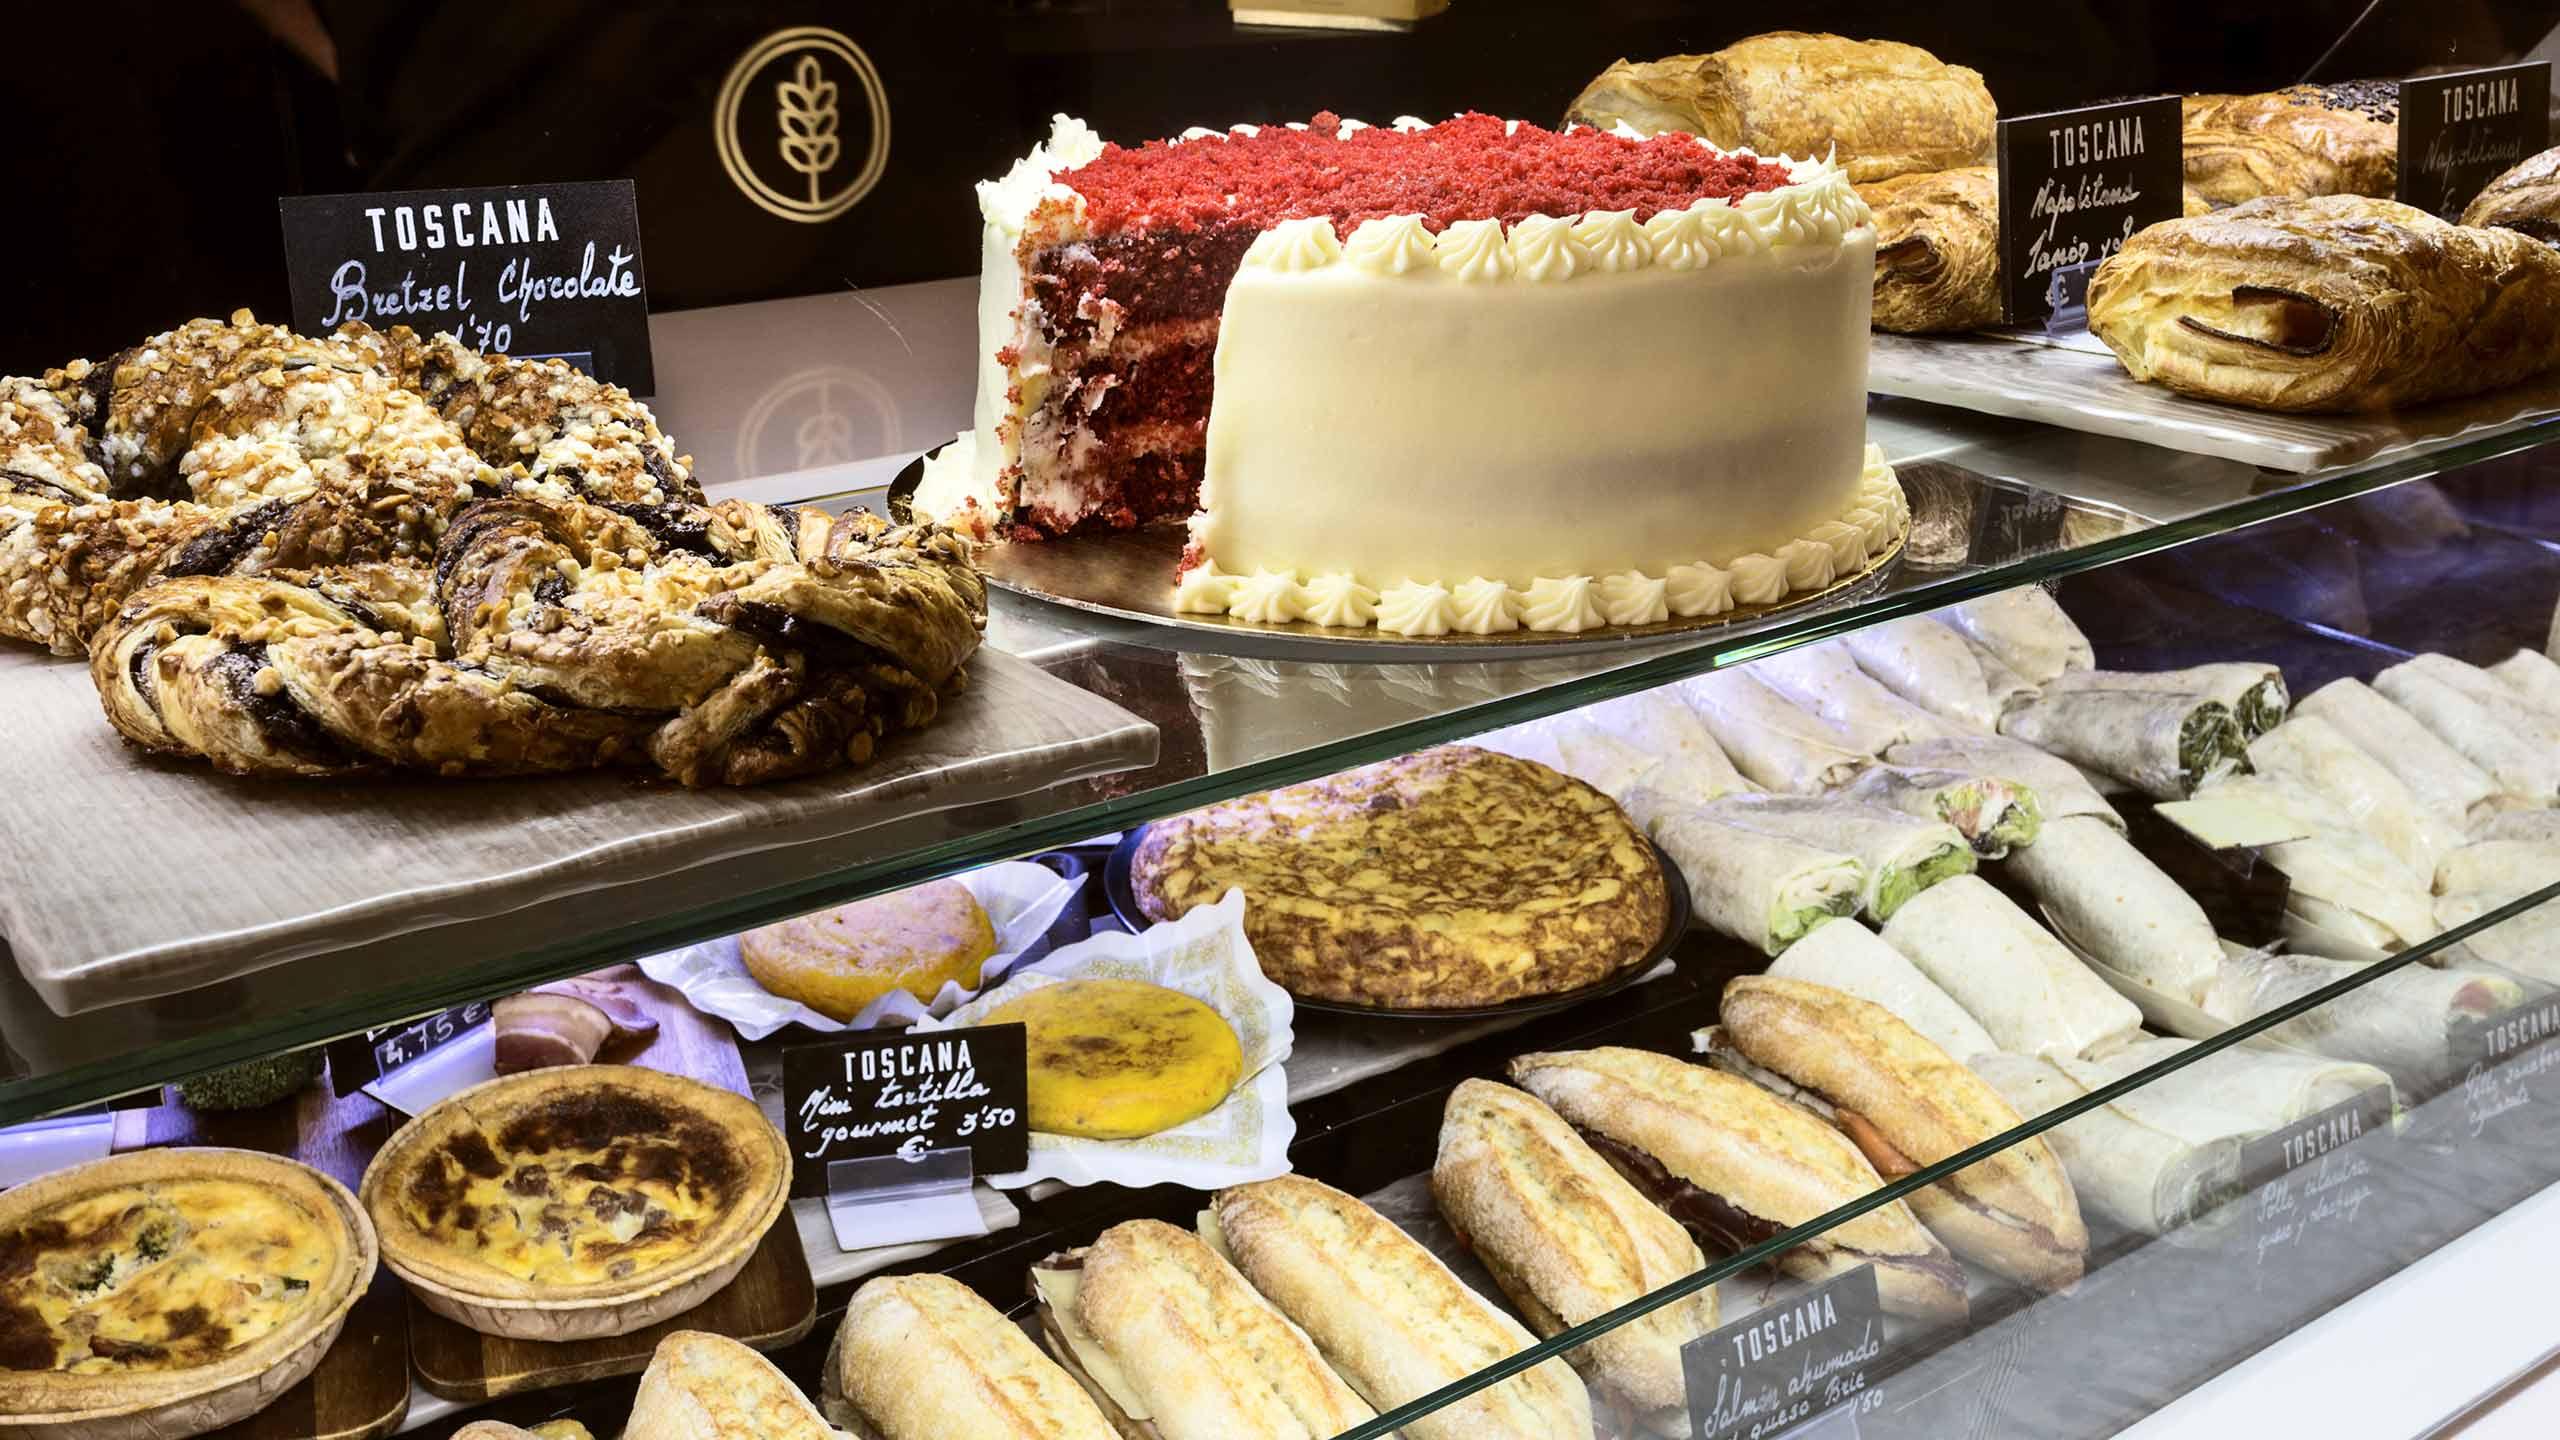 Diseño de pizarras para la cafetería Toscana Madrid